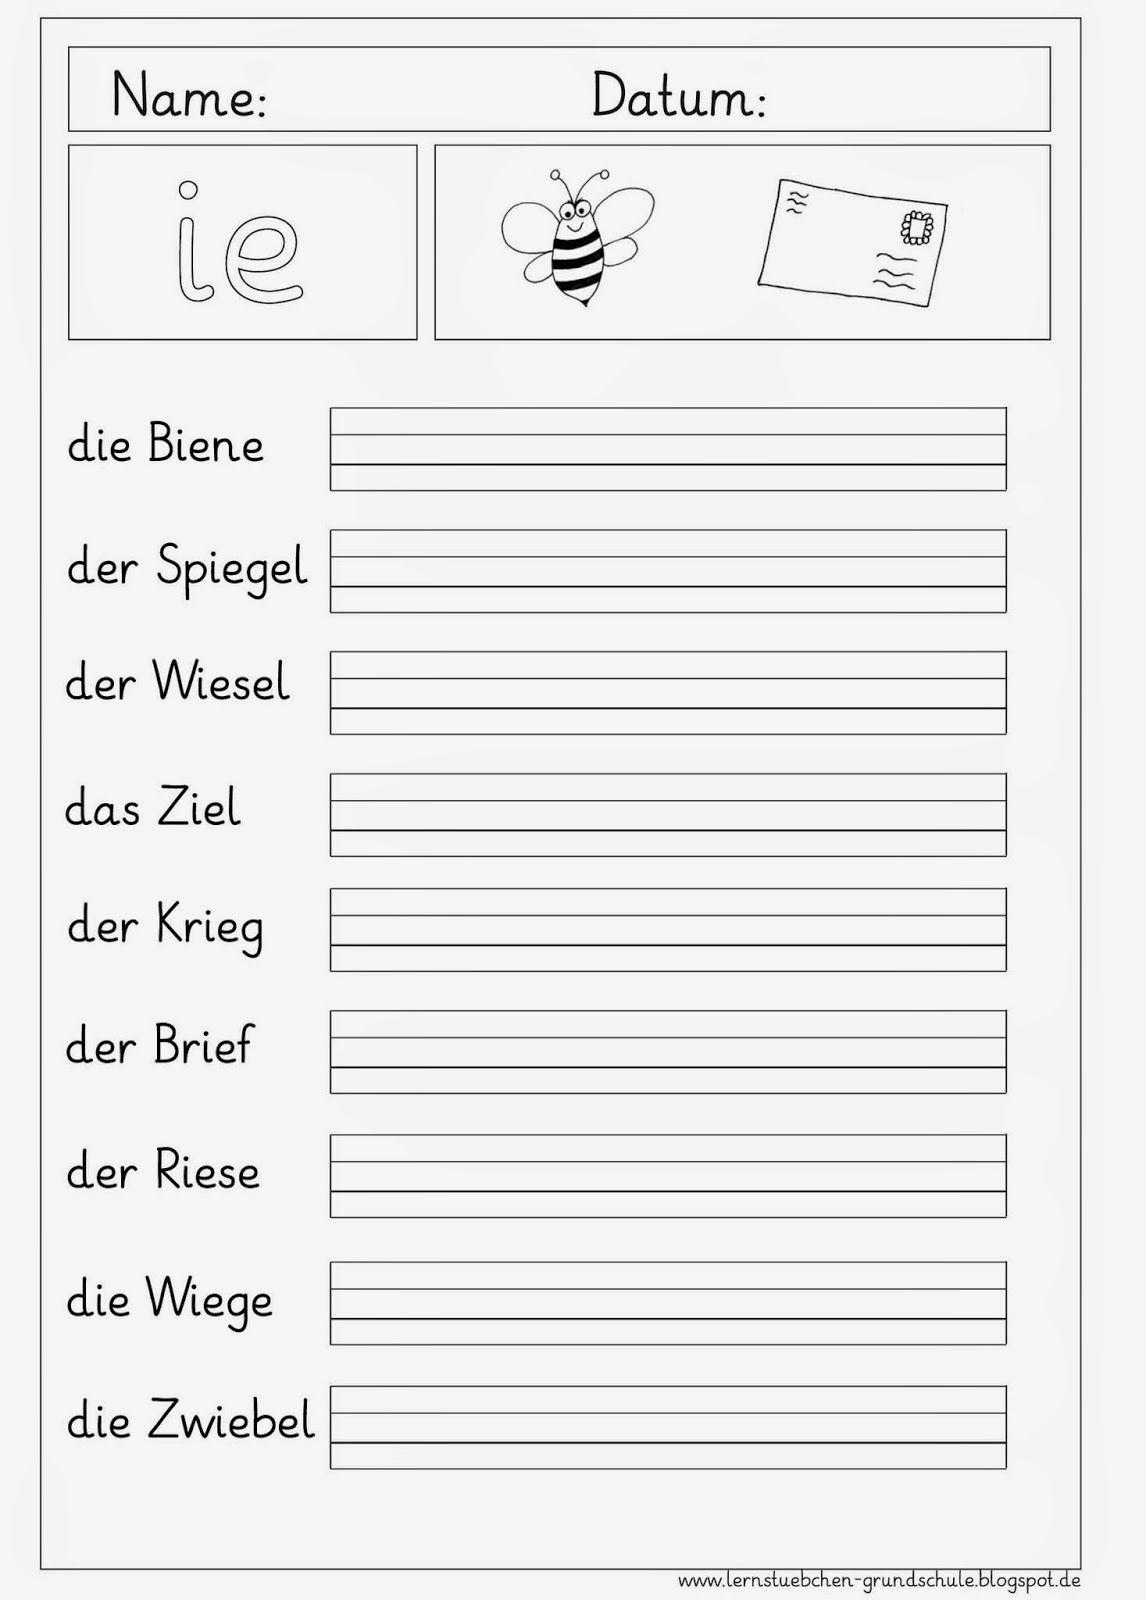 lernst bchen deu 1 buchstabeneinf hrung arbeitsbl tter pinterest schule deutsch und klasse. Black Bedroom Furniture Sets. Home Design Ideas